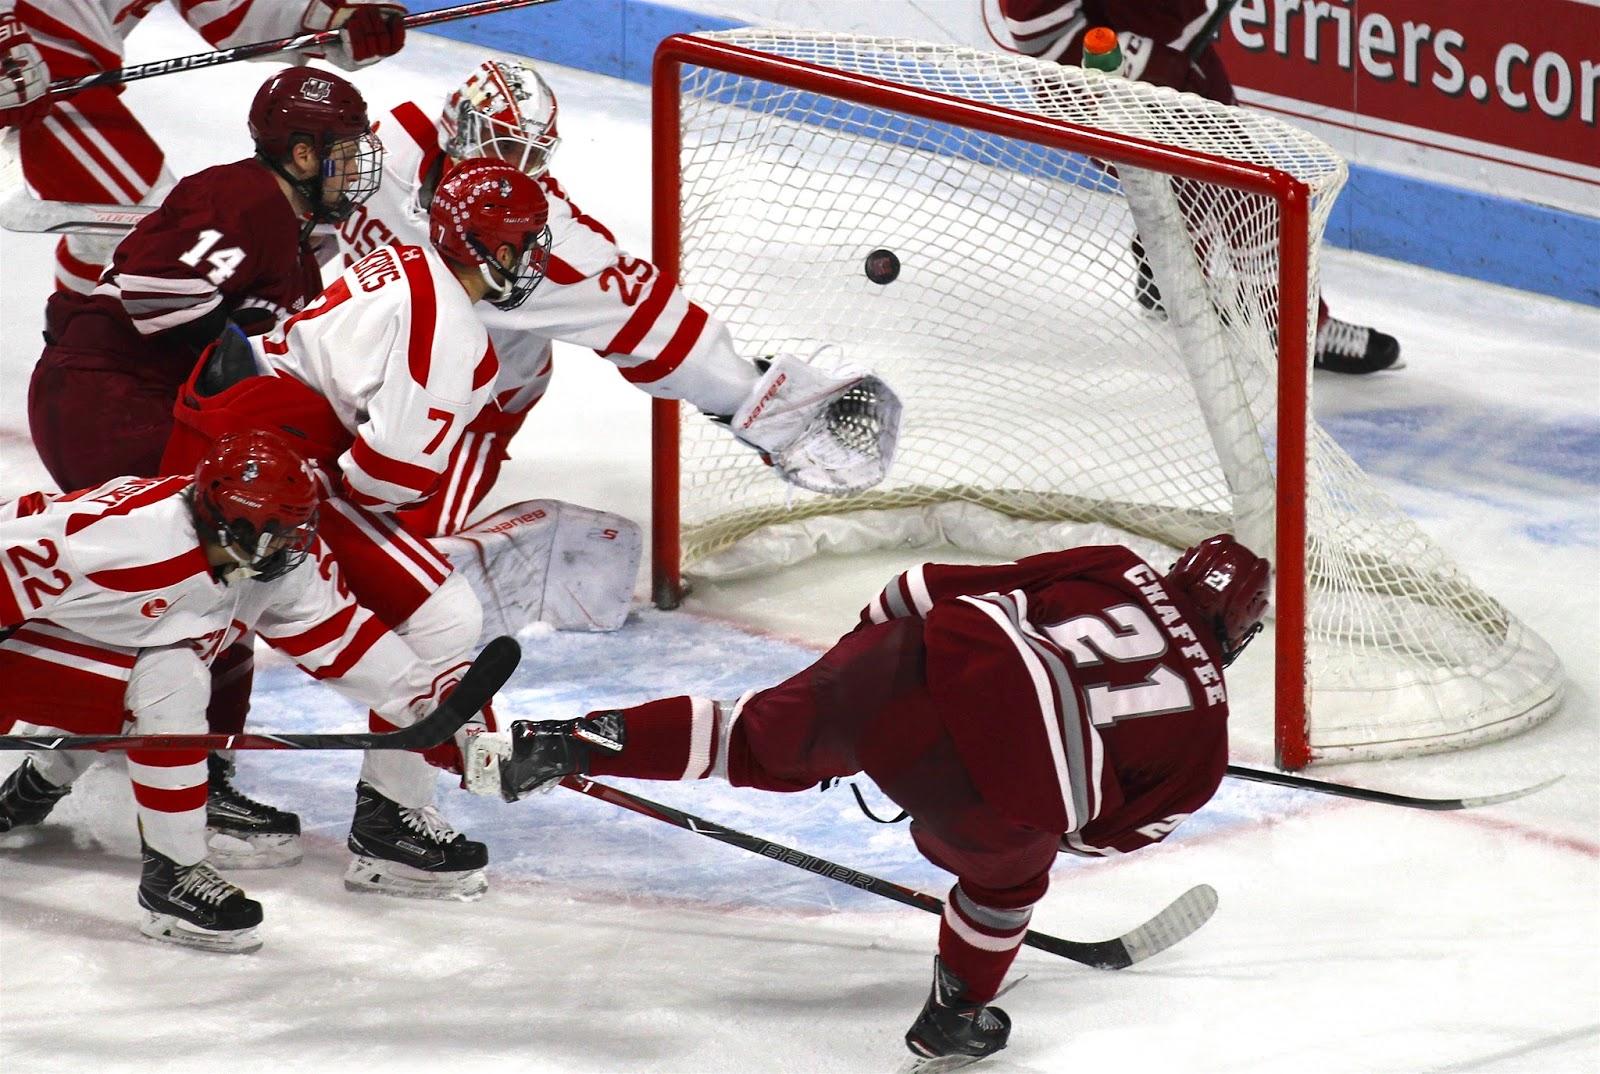 the bu hockey blog: bu, umass efforts go for knot